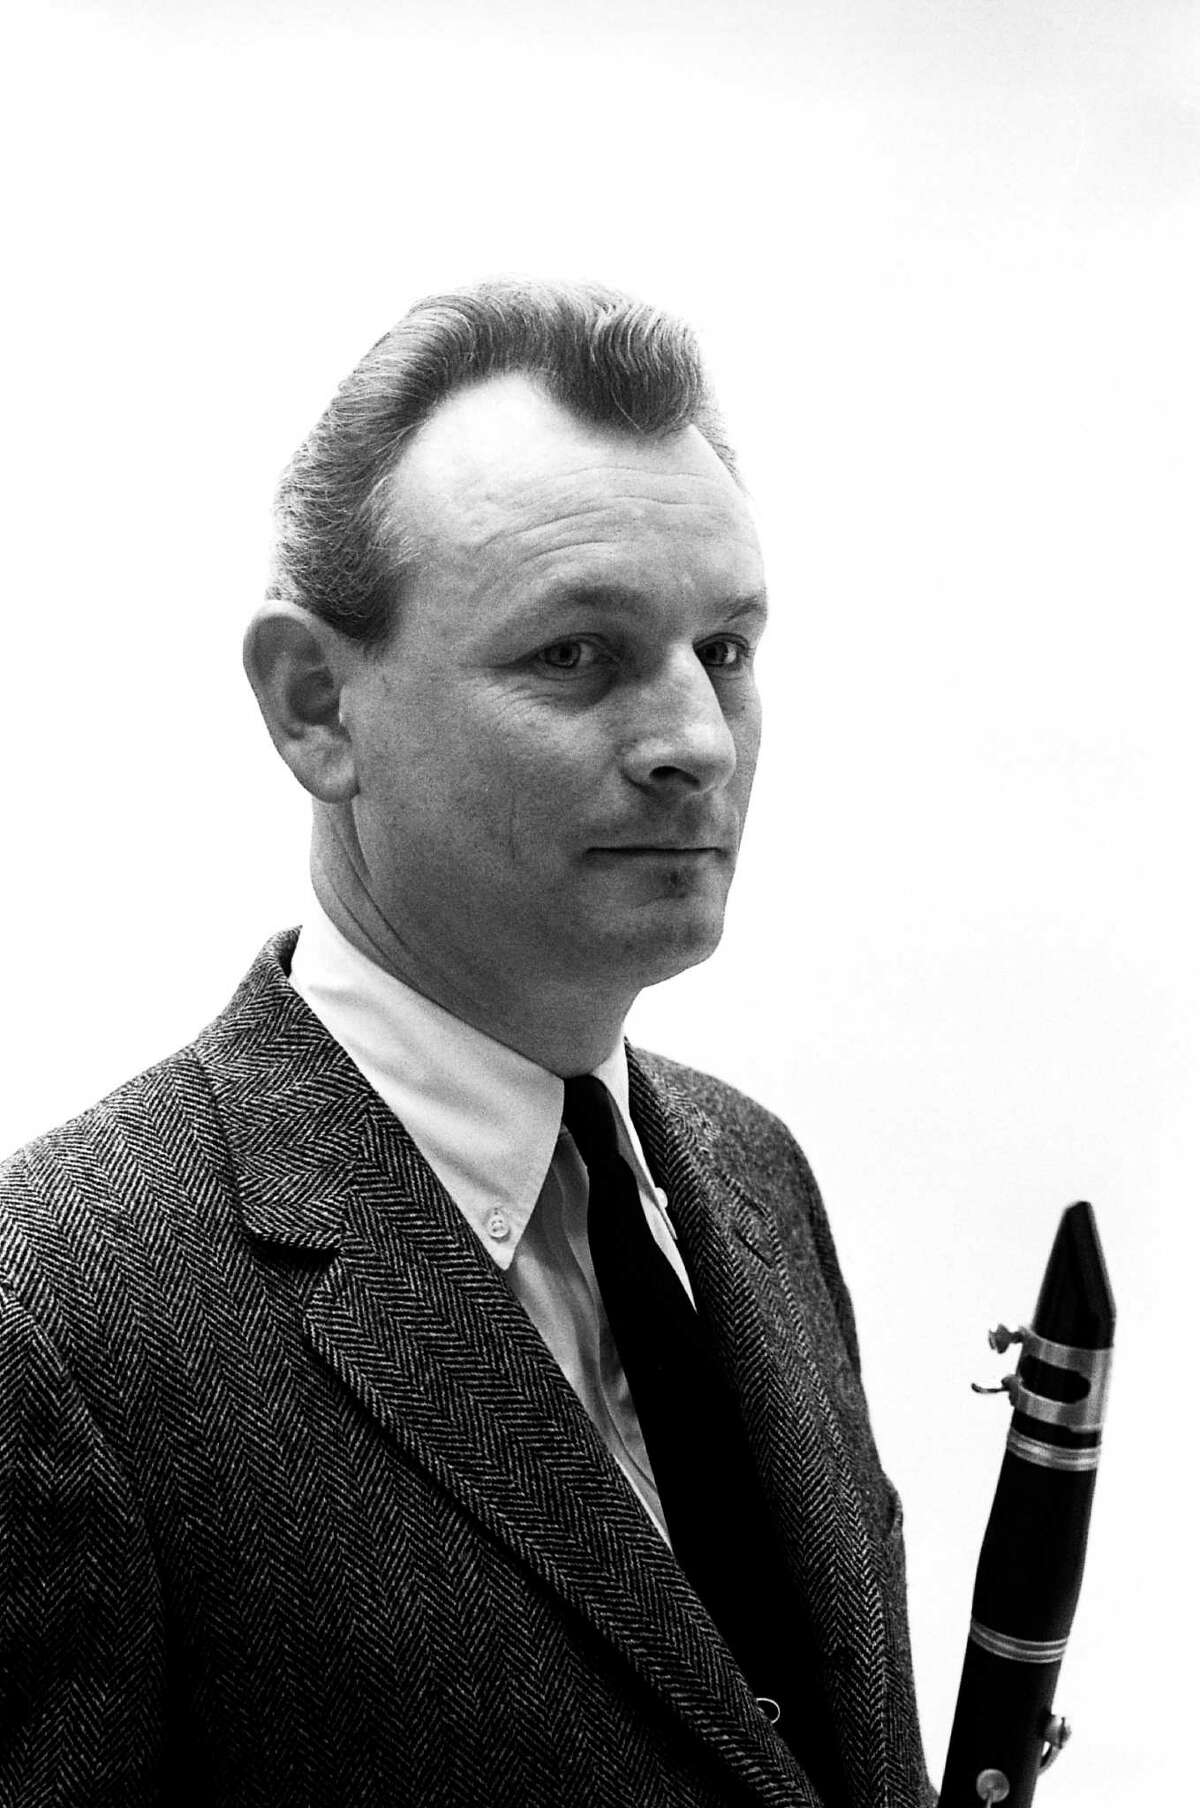 Jazz musician Jimmy Giuffre